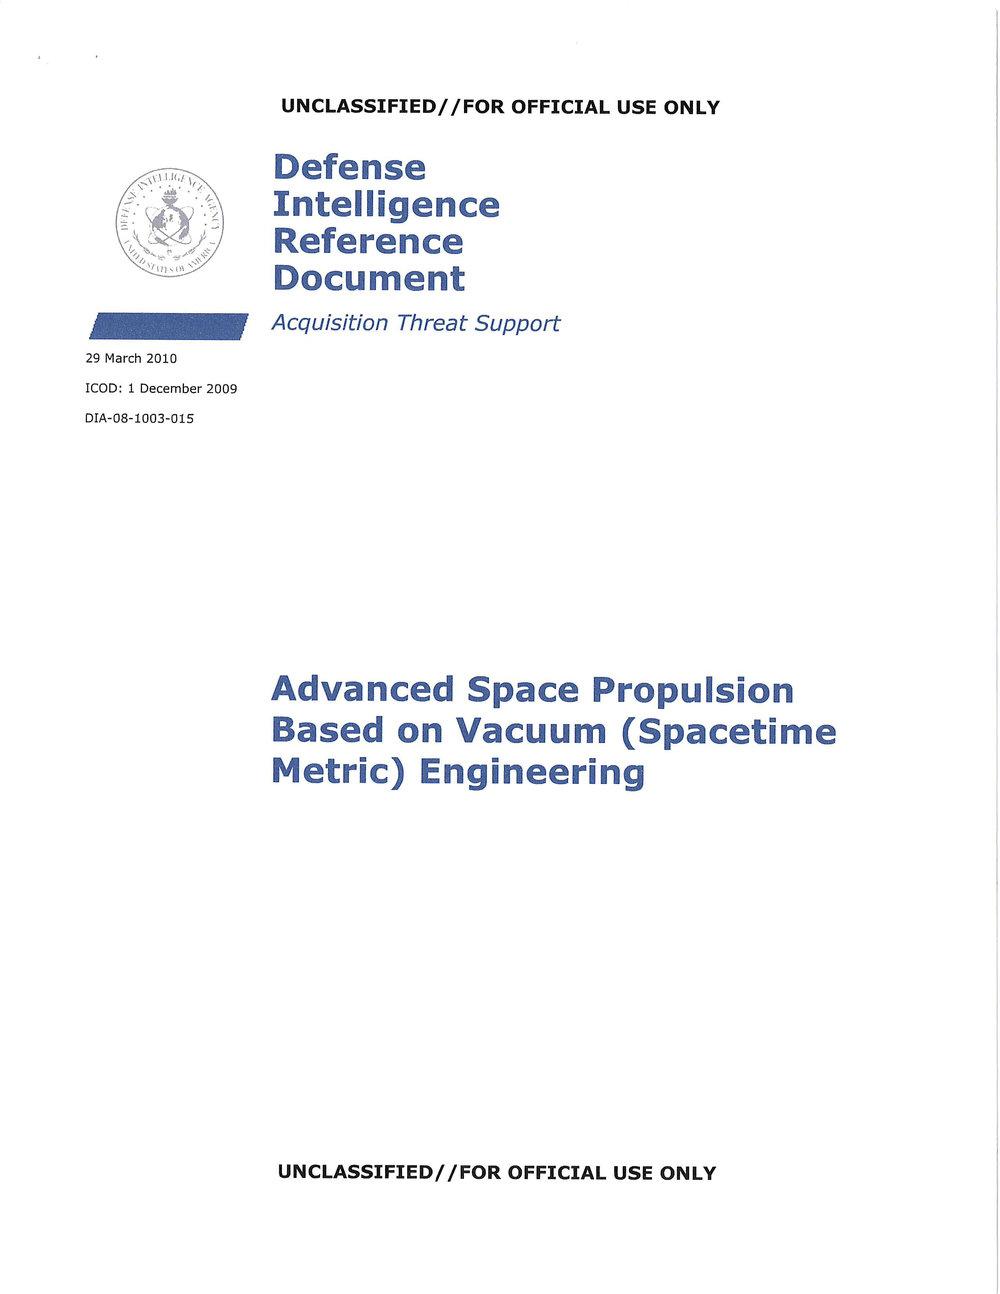 #5 Advanced Space Propulsion Based on Vacuum (Spacetime Metric) Engineering